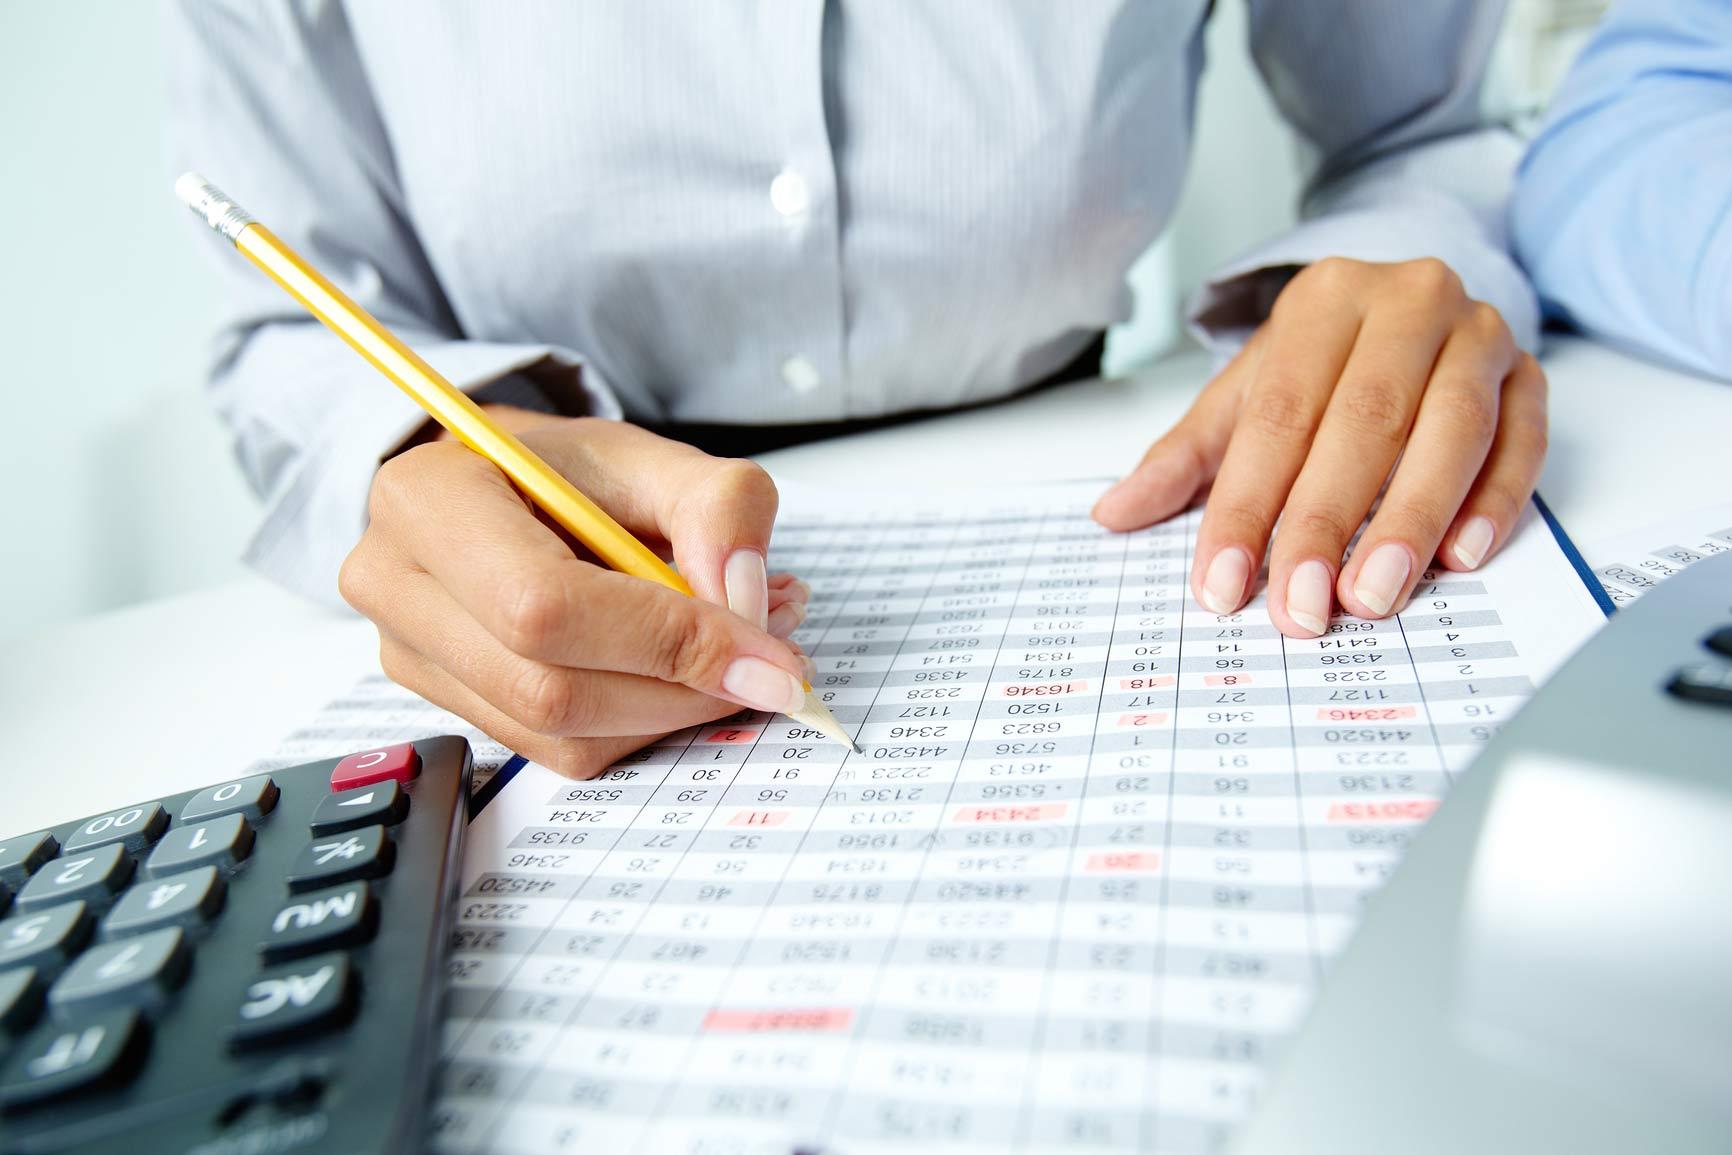 Вебинар: 10 фишек самопроверки налогов для бухгалтеров, мечтающих стать главбухами